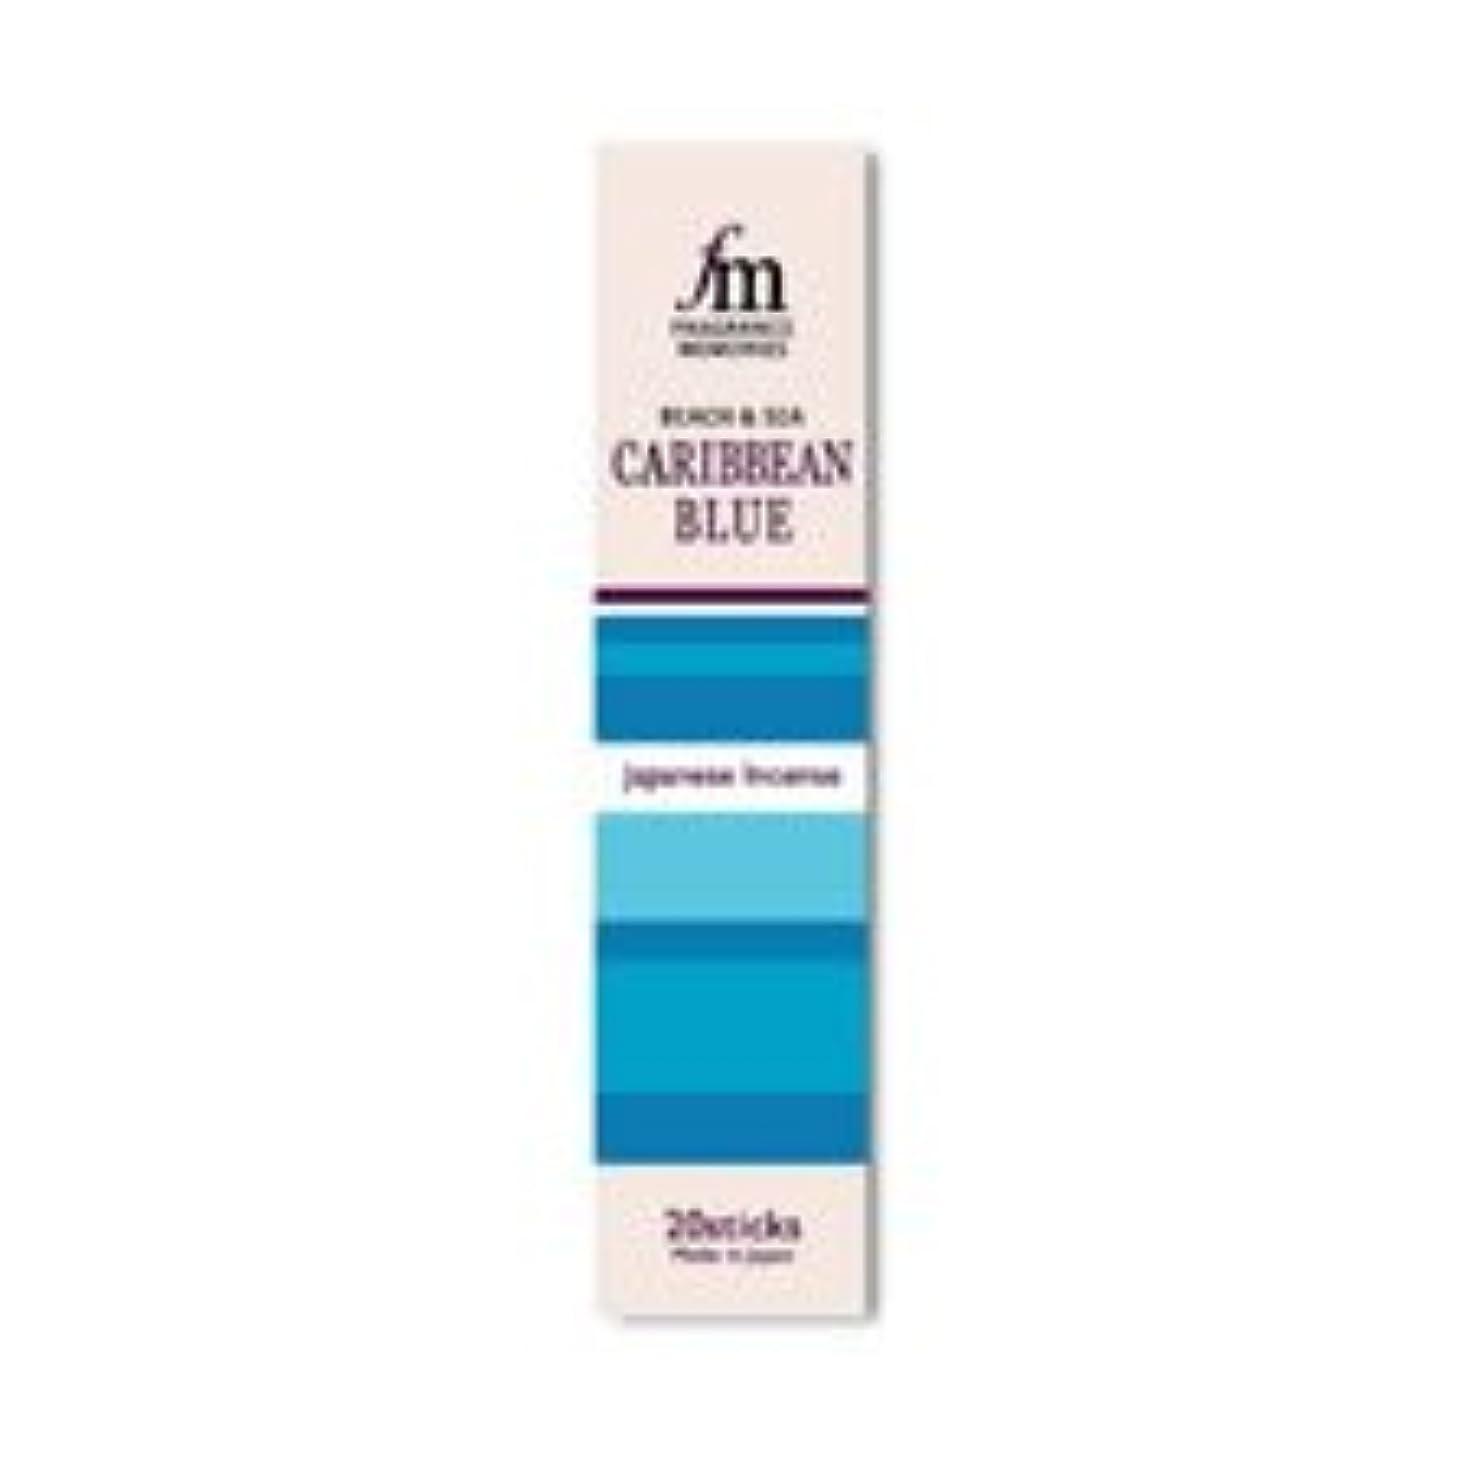 証書誰か冒険家Fragrance Memoriesお香: Caribbean Blue